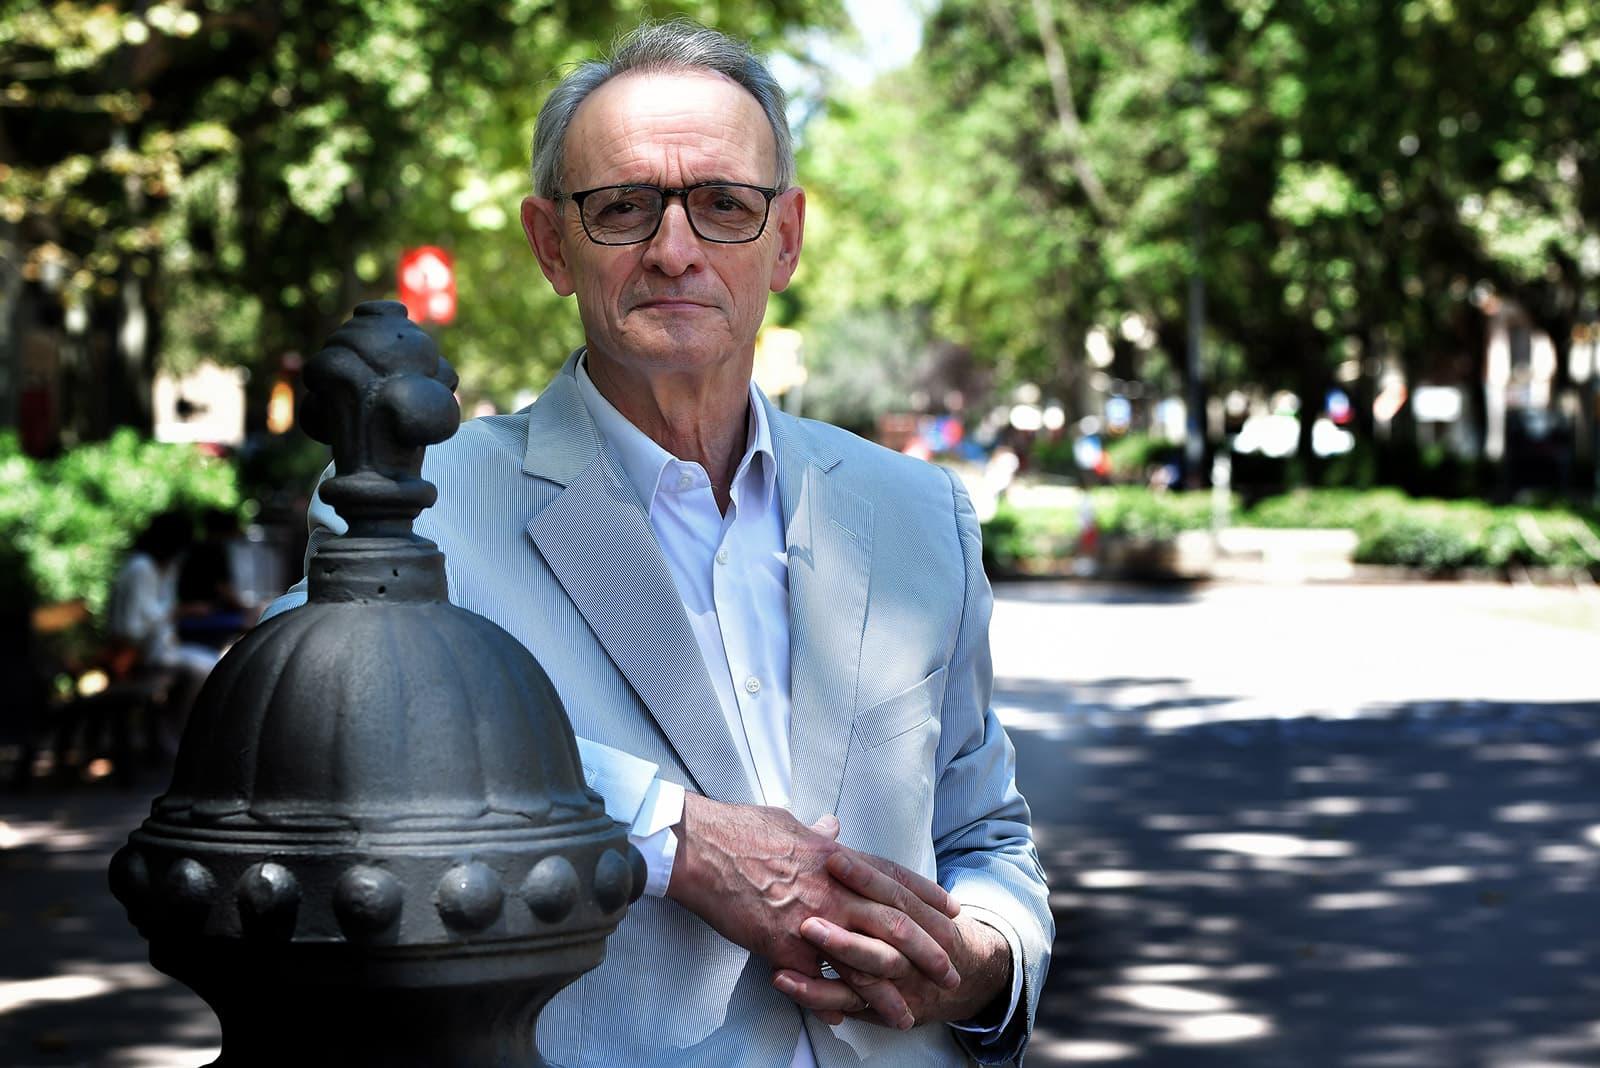 Antón Costas fotografiat a Barcelona al juny de 2020. Fotografia de Xavier Jubierre.